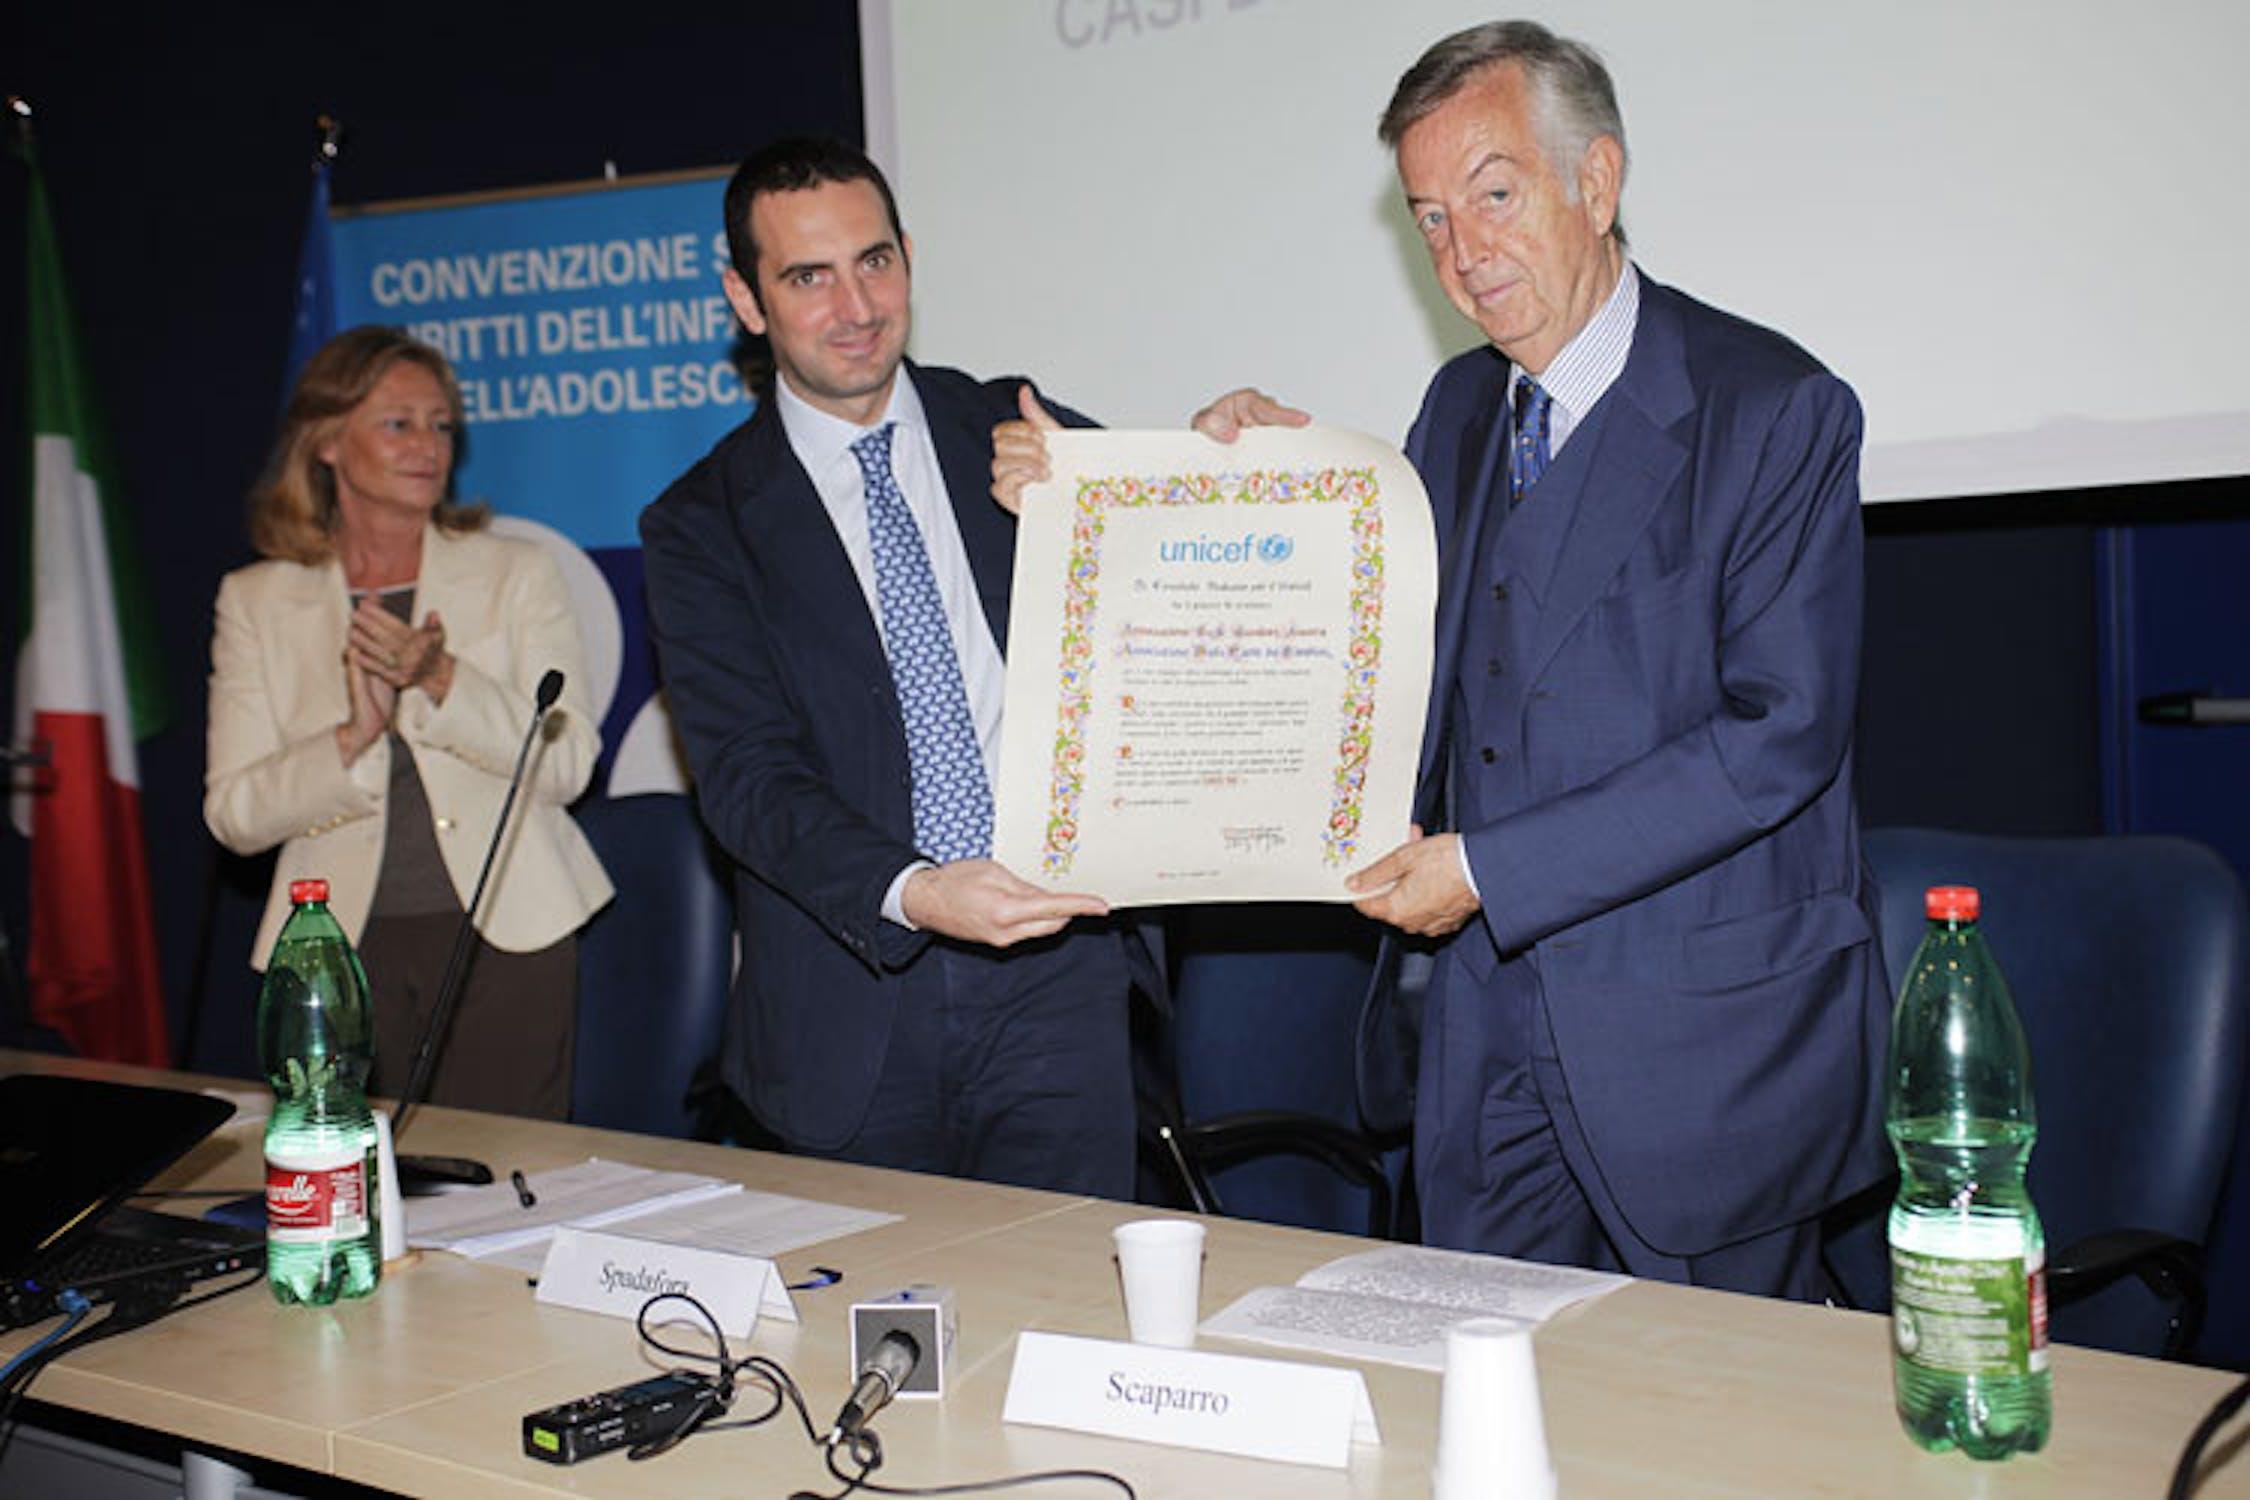 Il presidente dell'UNICEF Italia Vincenzo Spadafora consegna il riconoscimento UNICEF a Fulvio Scaparro, fondatore della GeA - ©UNICEF Italia/2011/A.Longobardi